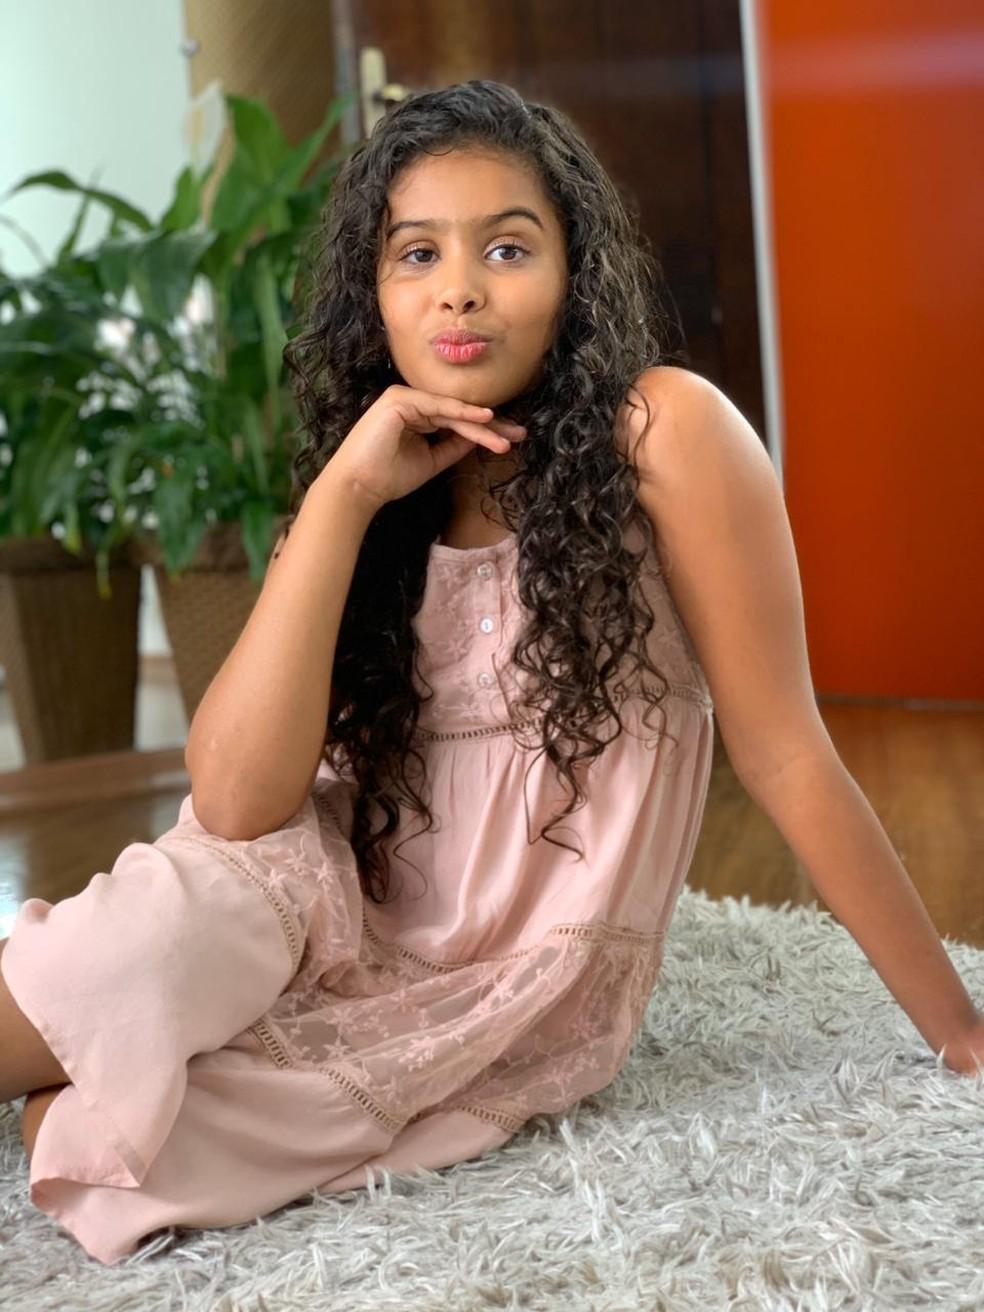 Lays Araújo tem 10 anos e mora na Bahia com a avó — Foto: Arquivo Pessoal